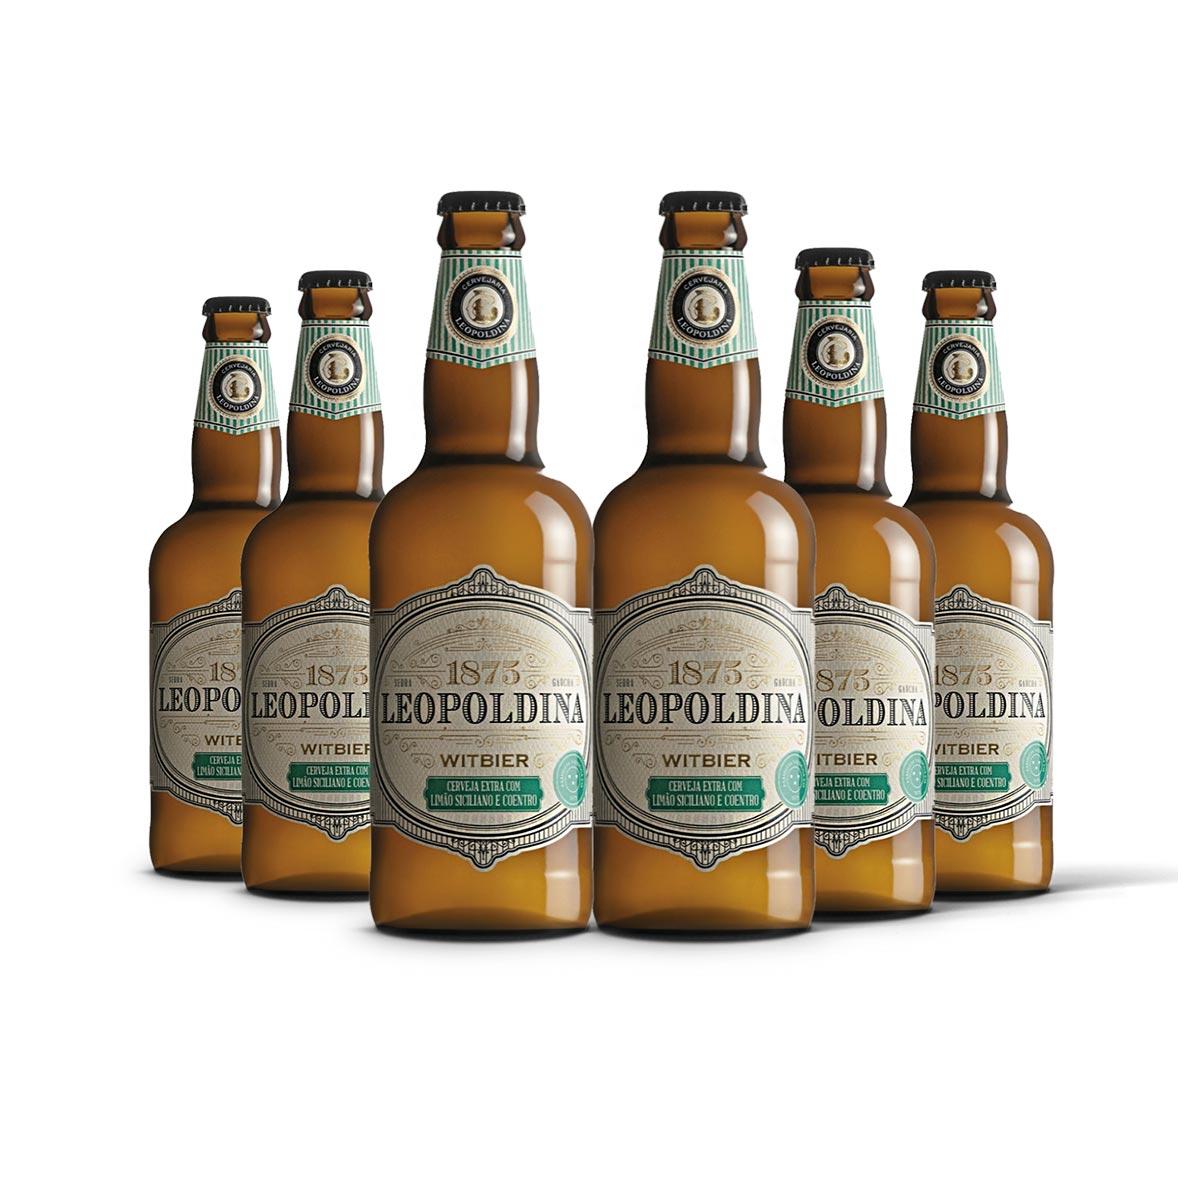 Pack Leopoldina Witbier 6 cervejas 500ml